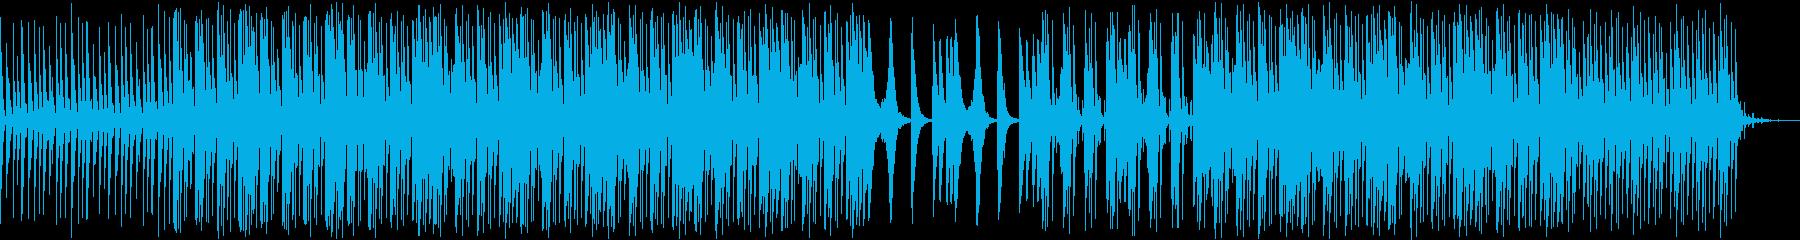 自然 サスペンス 繰り返しの クー...の再生済みの波形